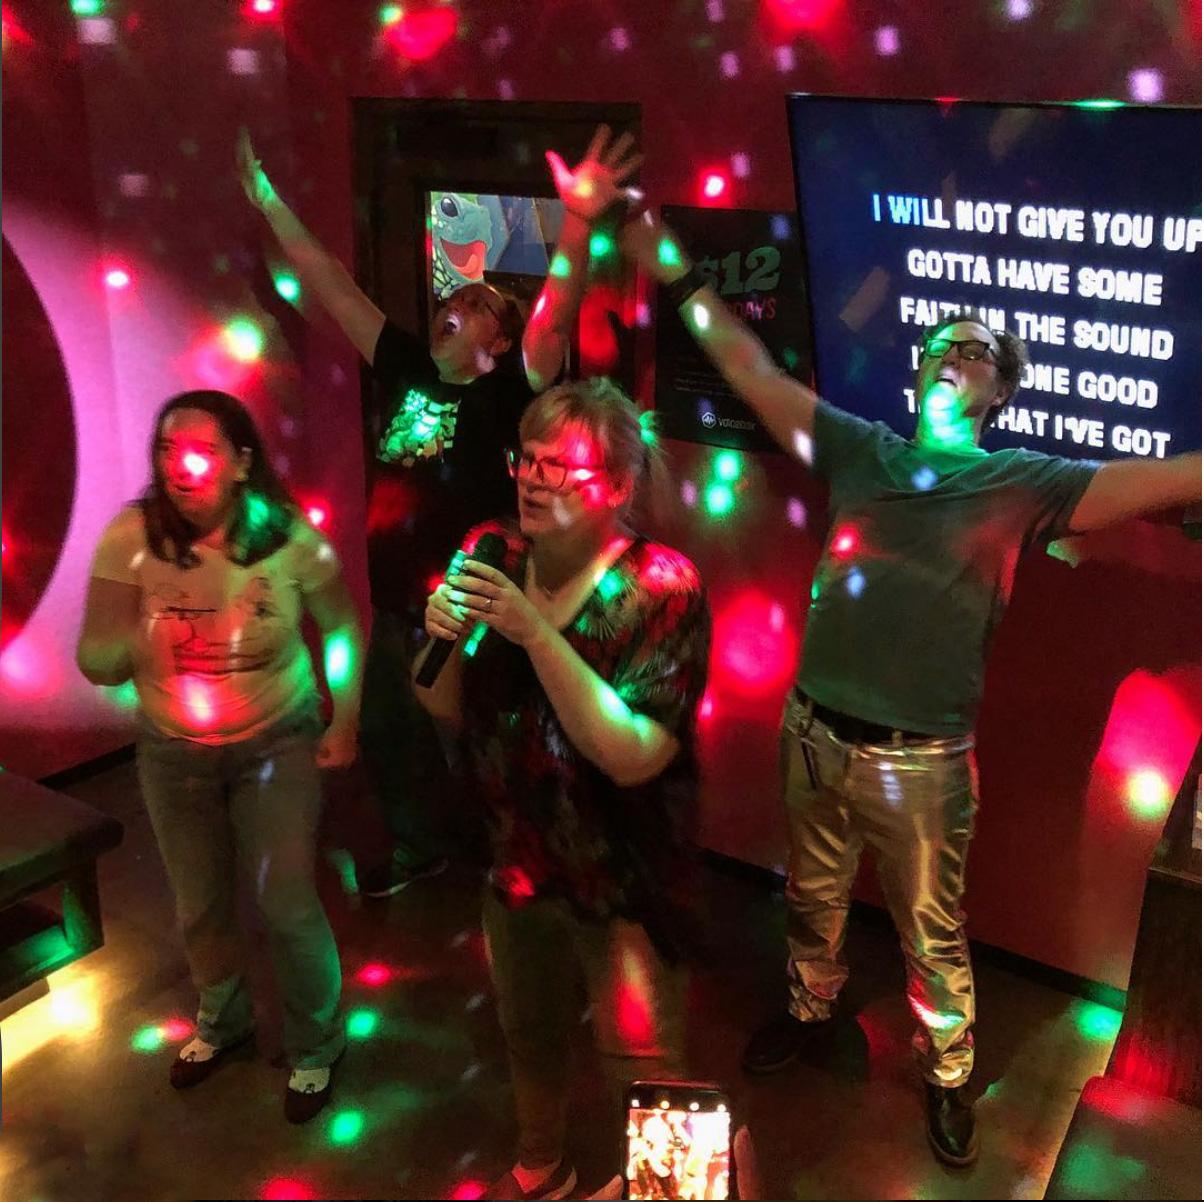 Karaoke Tips - Feel Comfortable Singing Your Heart Out #karaoke #singing #karaokeparty #karaokesongs